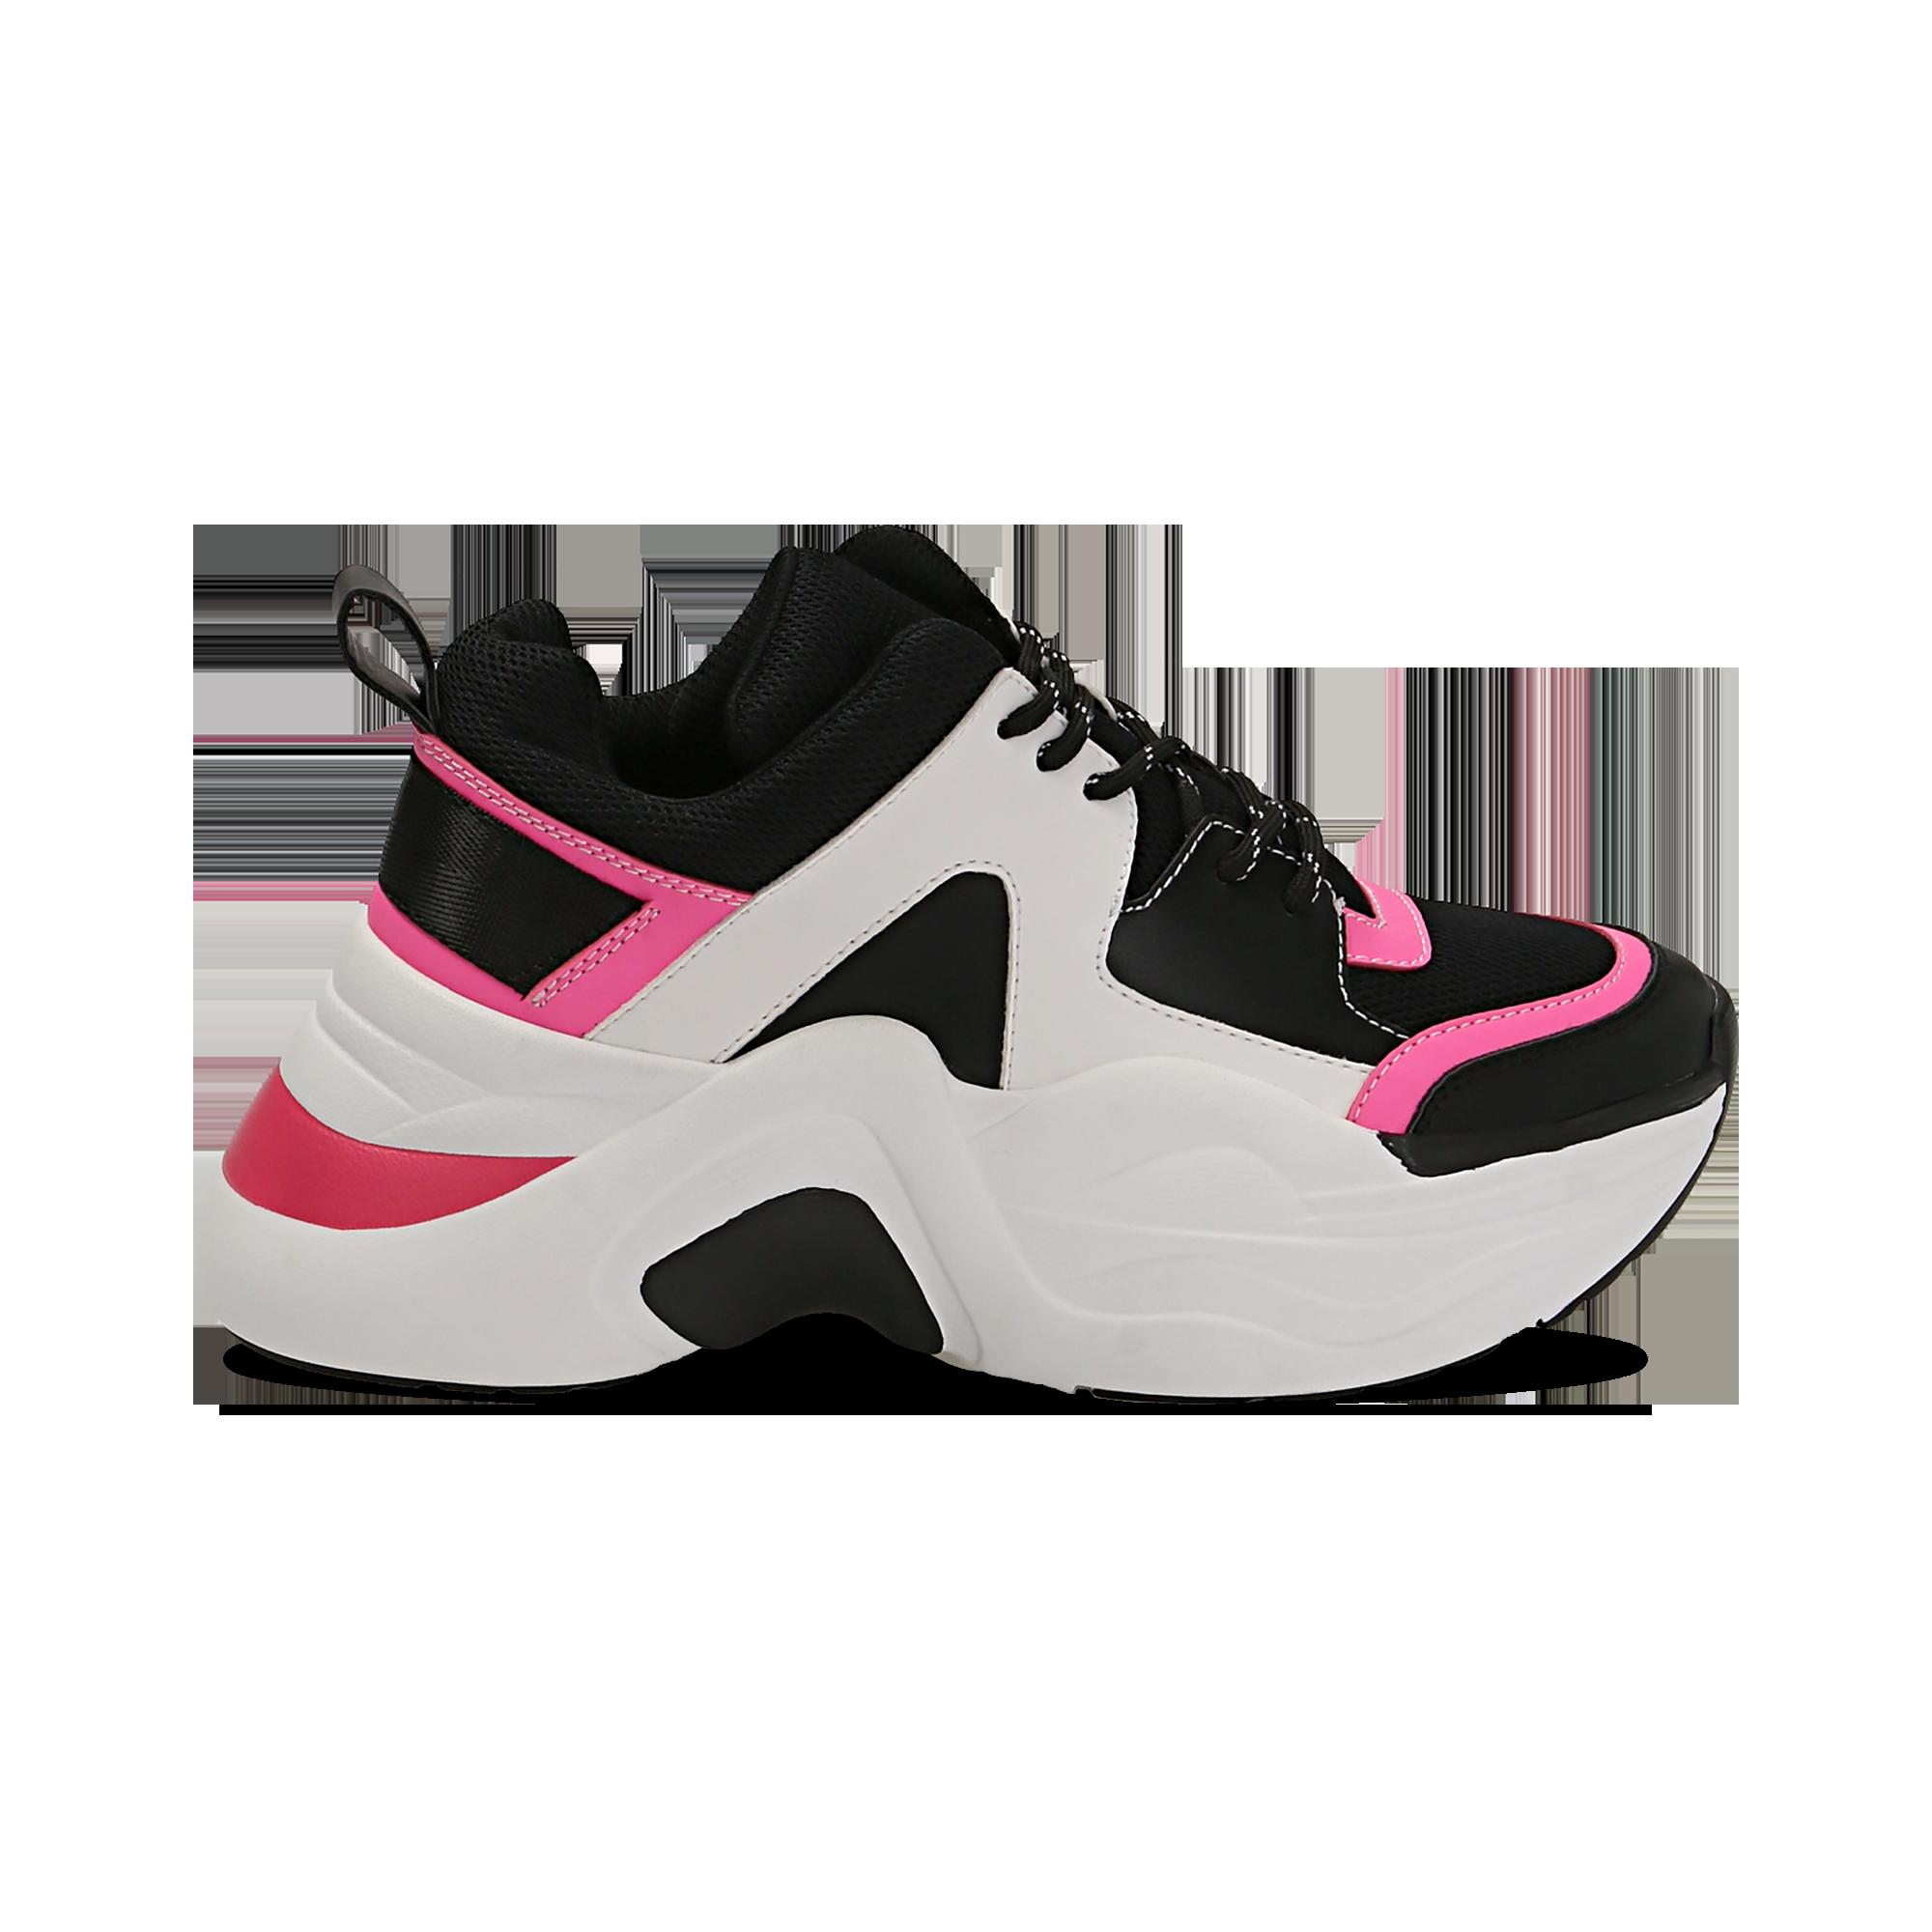 scarpe da ginnastica nere con brillantini